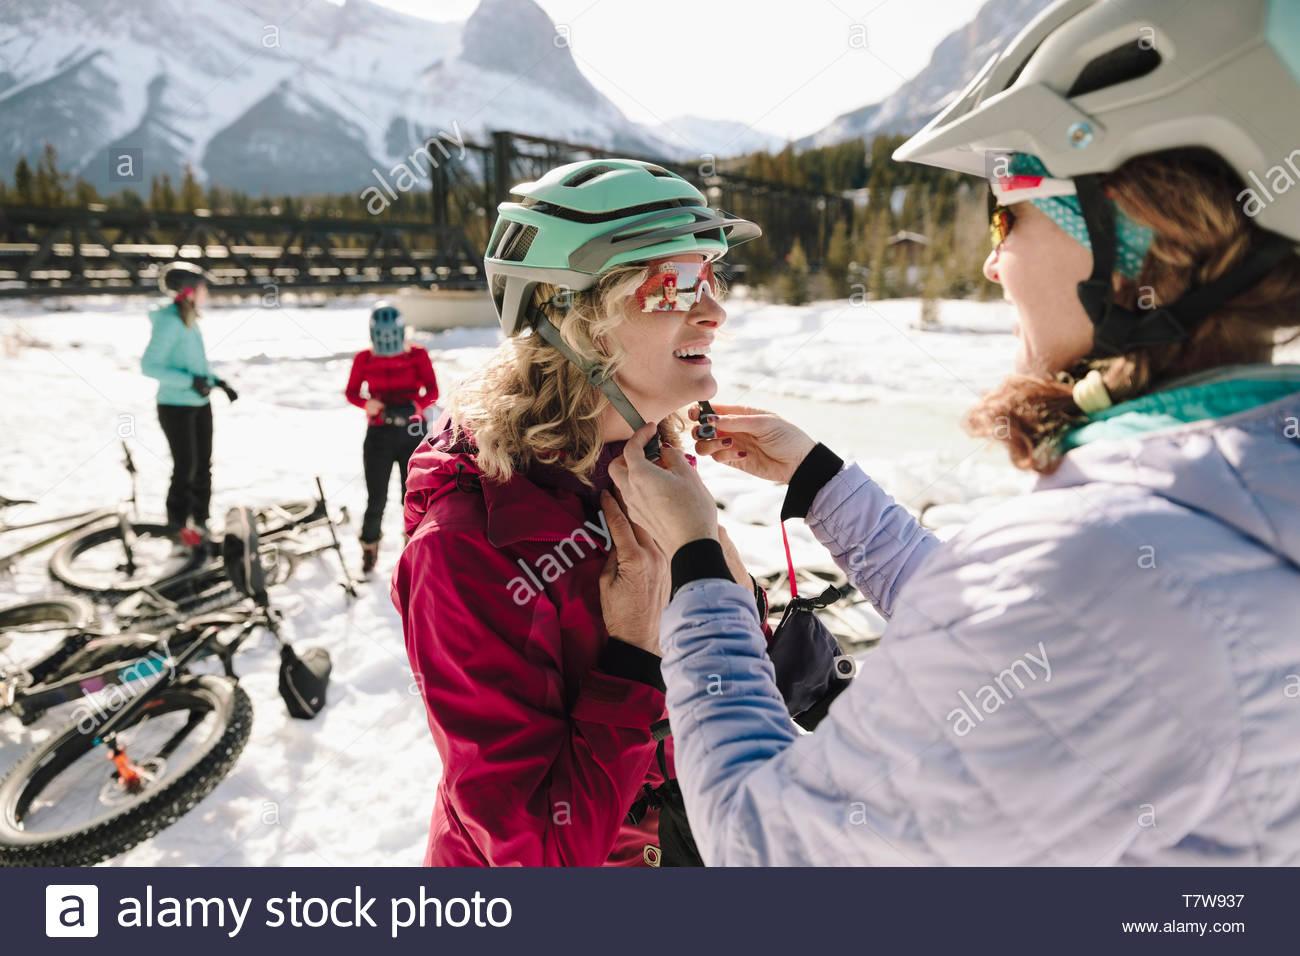 Donna amico di fissaggio del casco, la preparazione per il grasso in bici nella neve Foto Stock